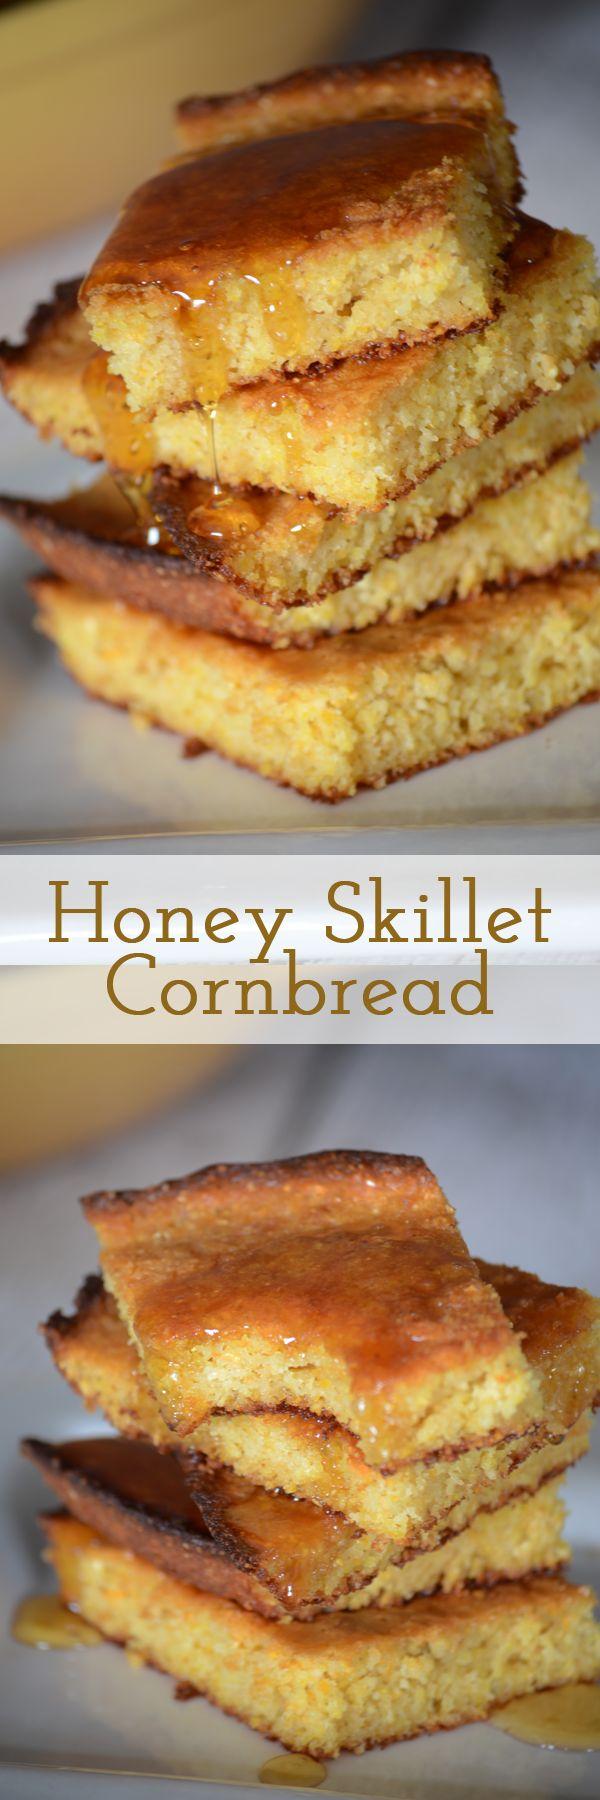 Honey skillet cornbread   Recipe   Skillets, Honey cornbread and ...